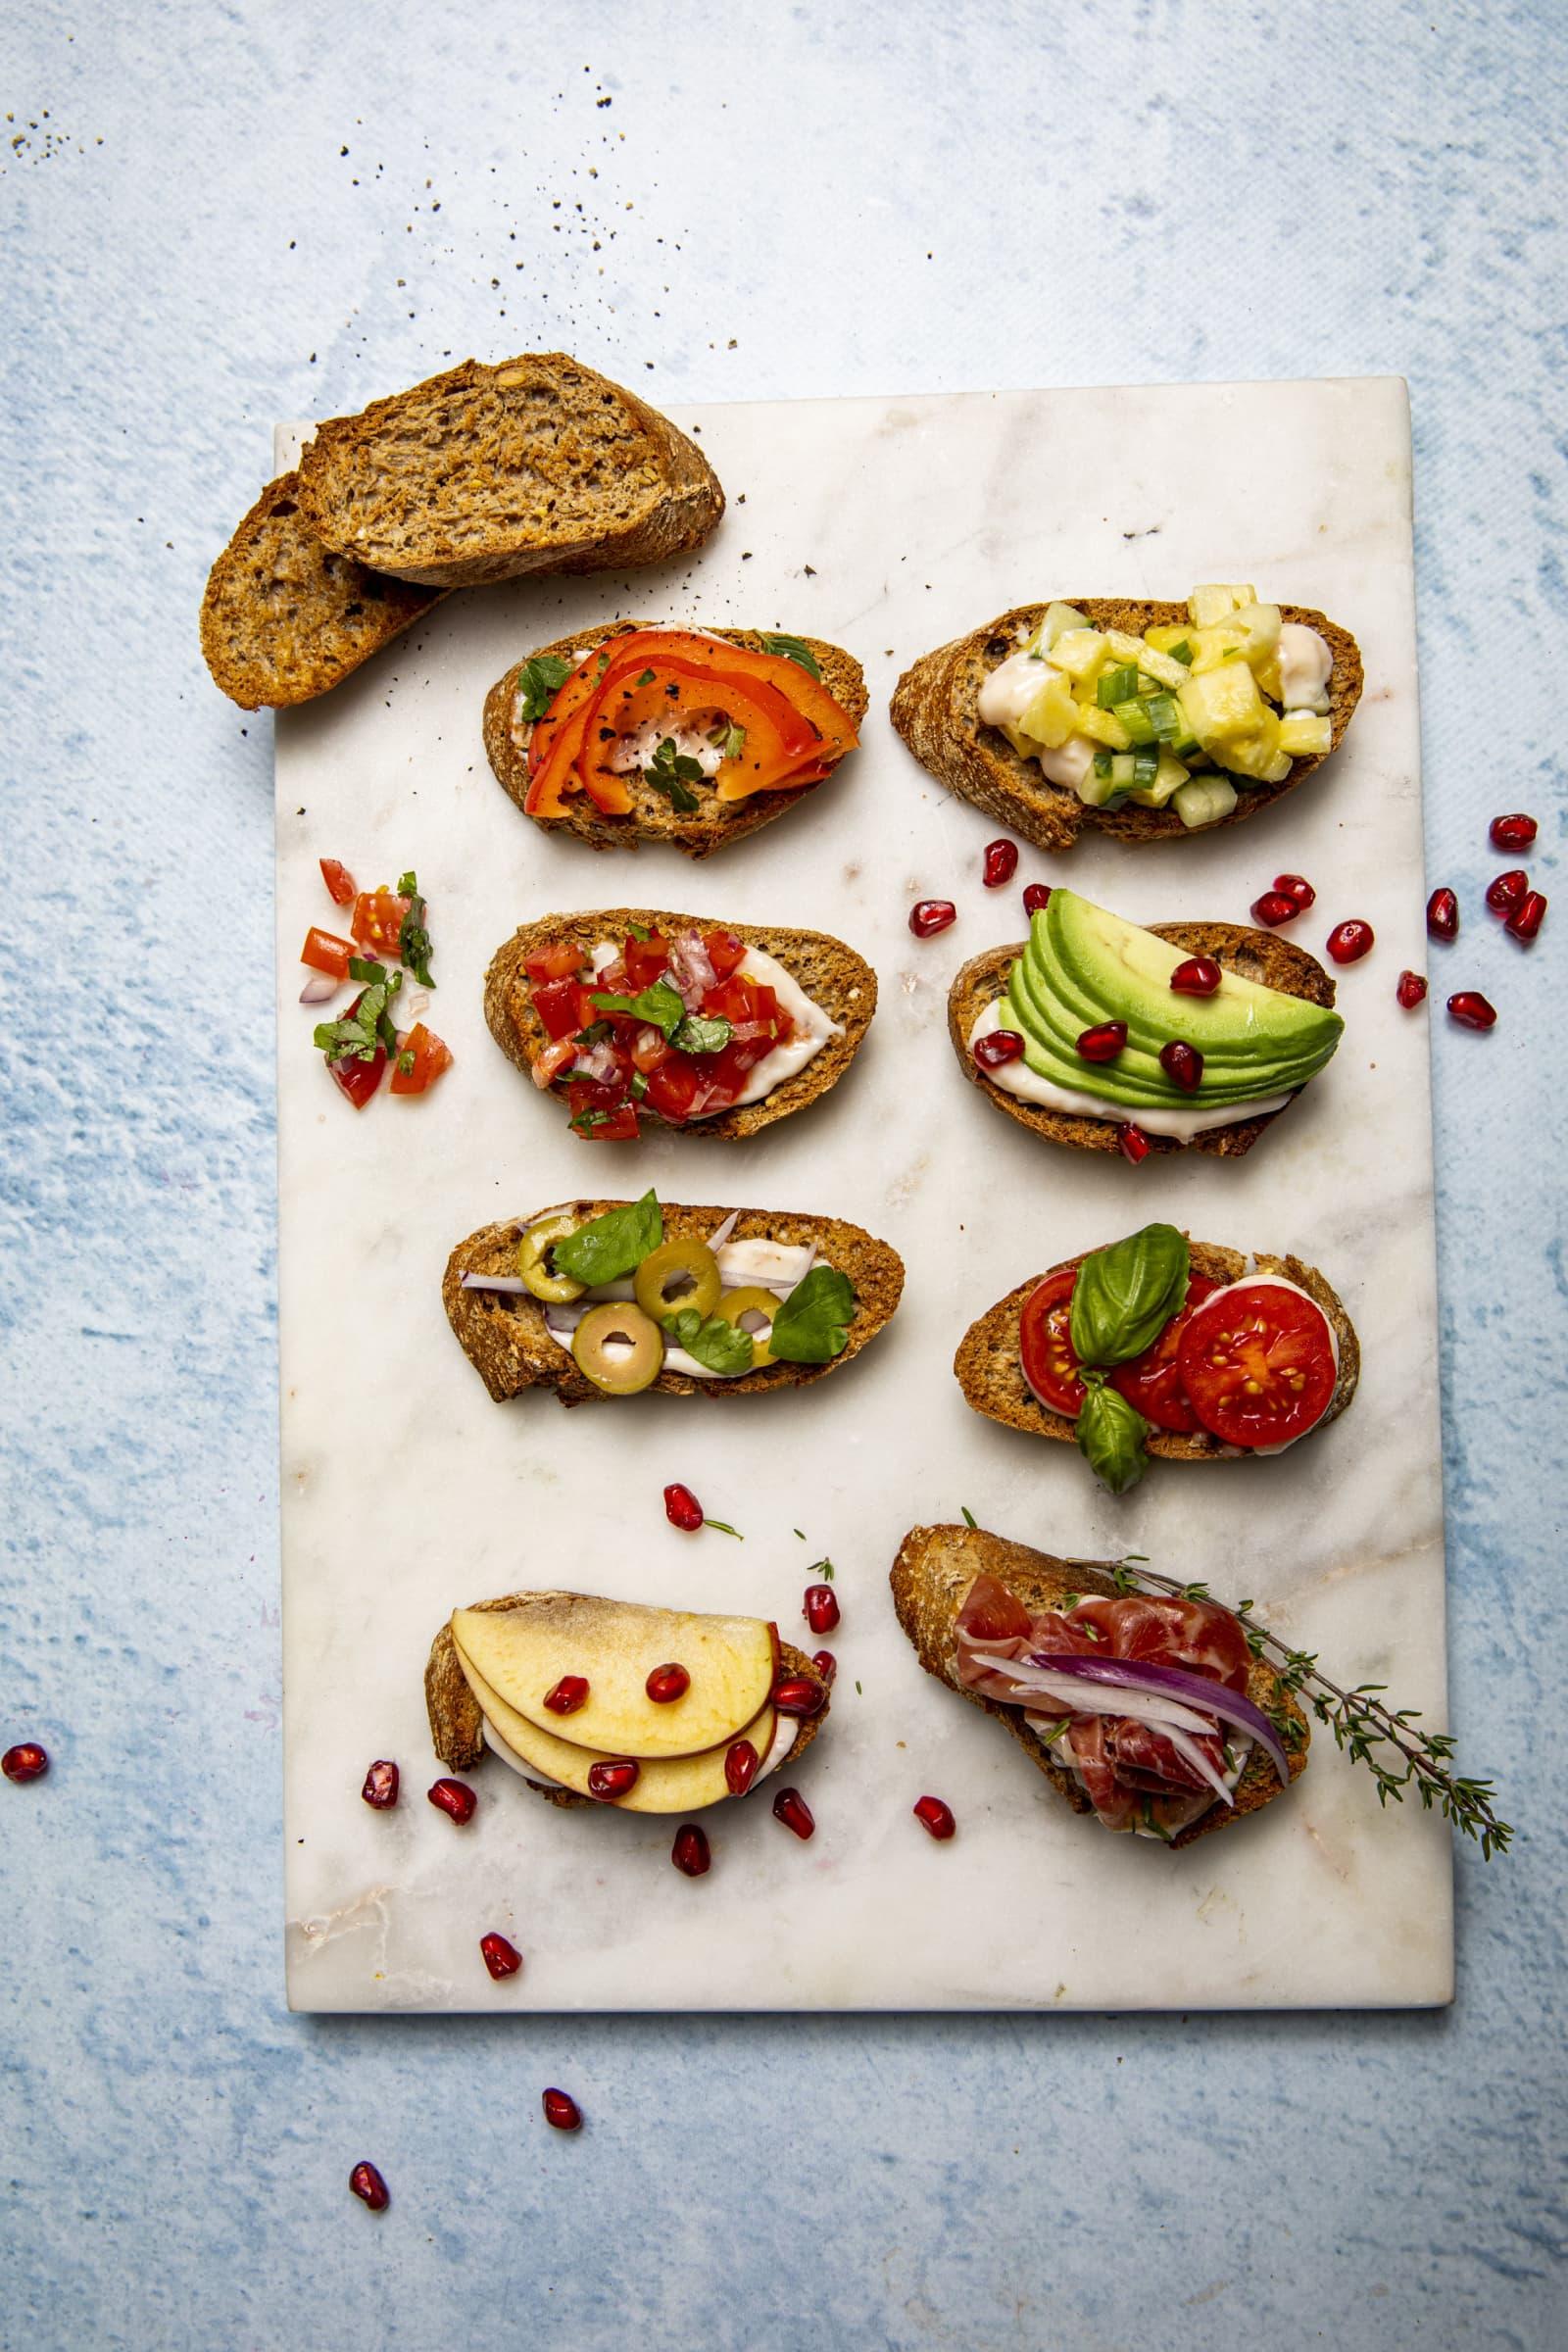 Crostini er tynne og sprø matredderbrødskiver ristet gyldne i ovnen sammen med olivenolje. Smør på MagerOst Skinke og server med smakfull topping, som tomatsalsa, spekeskinke, avokado og koriander, paprika og pepper, eller annet godt som på bildet.